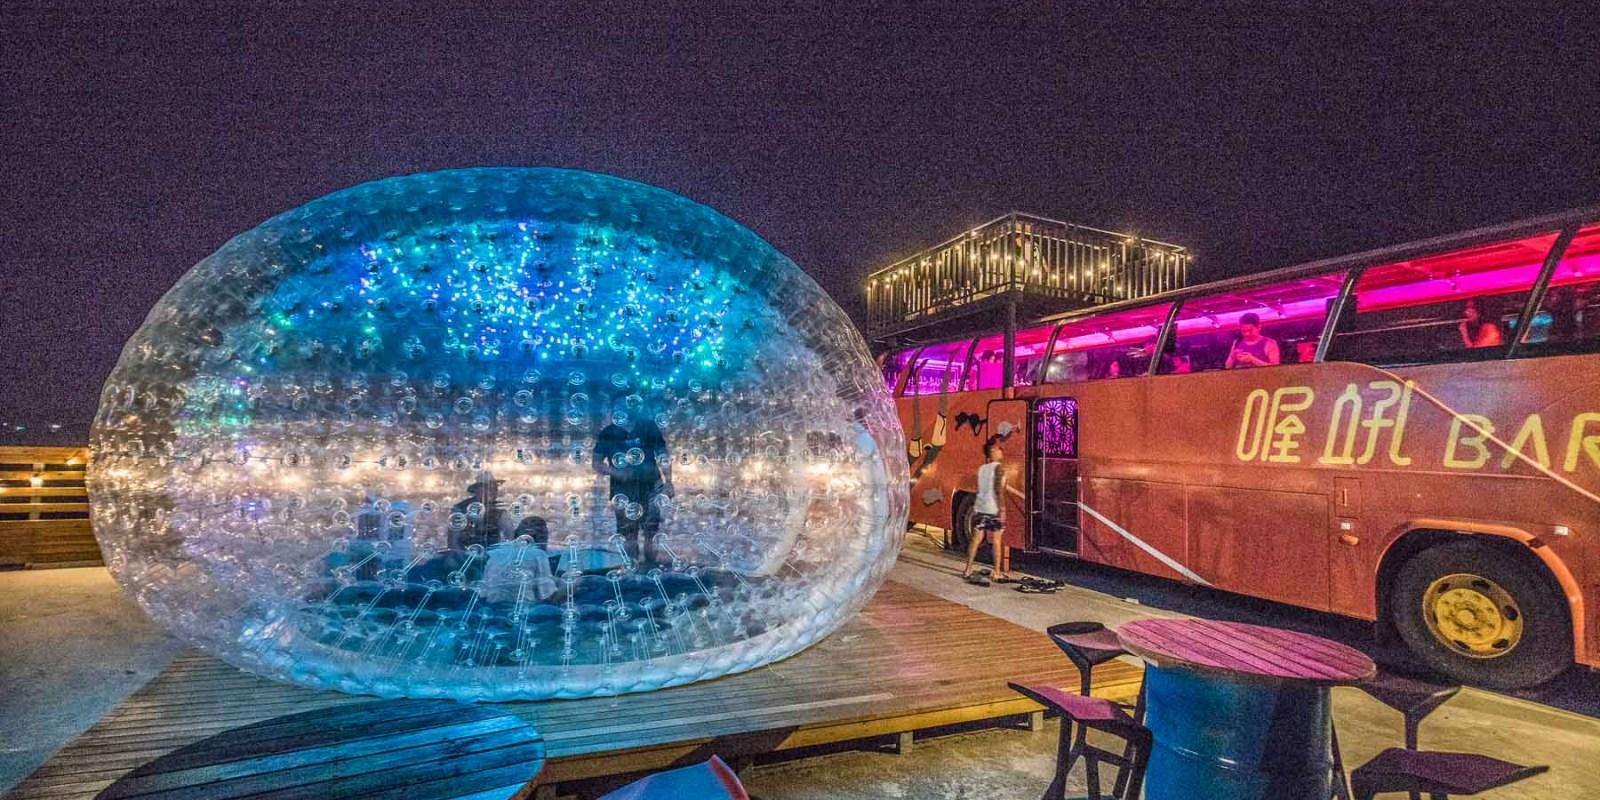 [小琉球美食]喔吼bar/隱藏版景點,超夢幻巨大透明泡泡屋!網美們拍起來!小琉球最美酒吧!